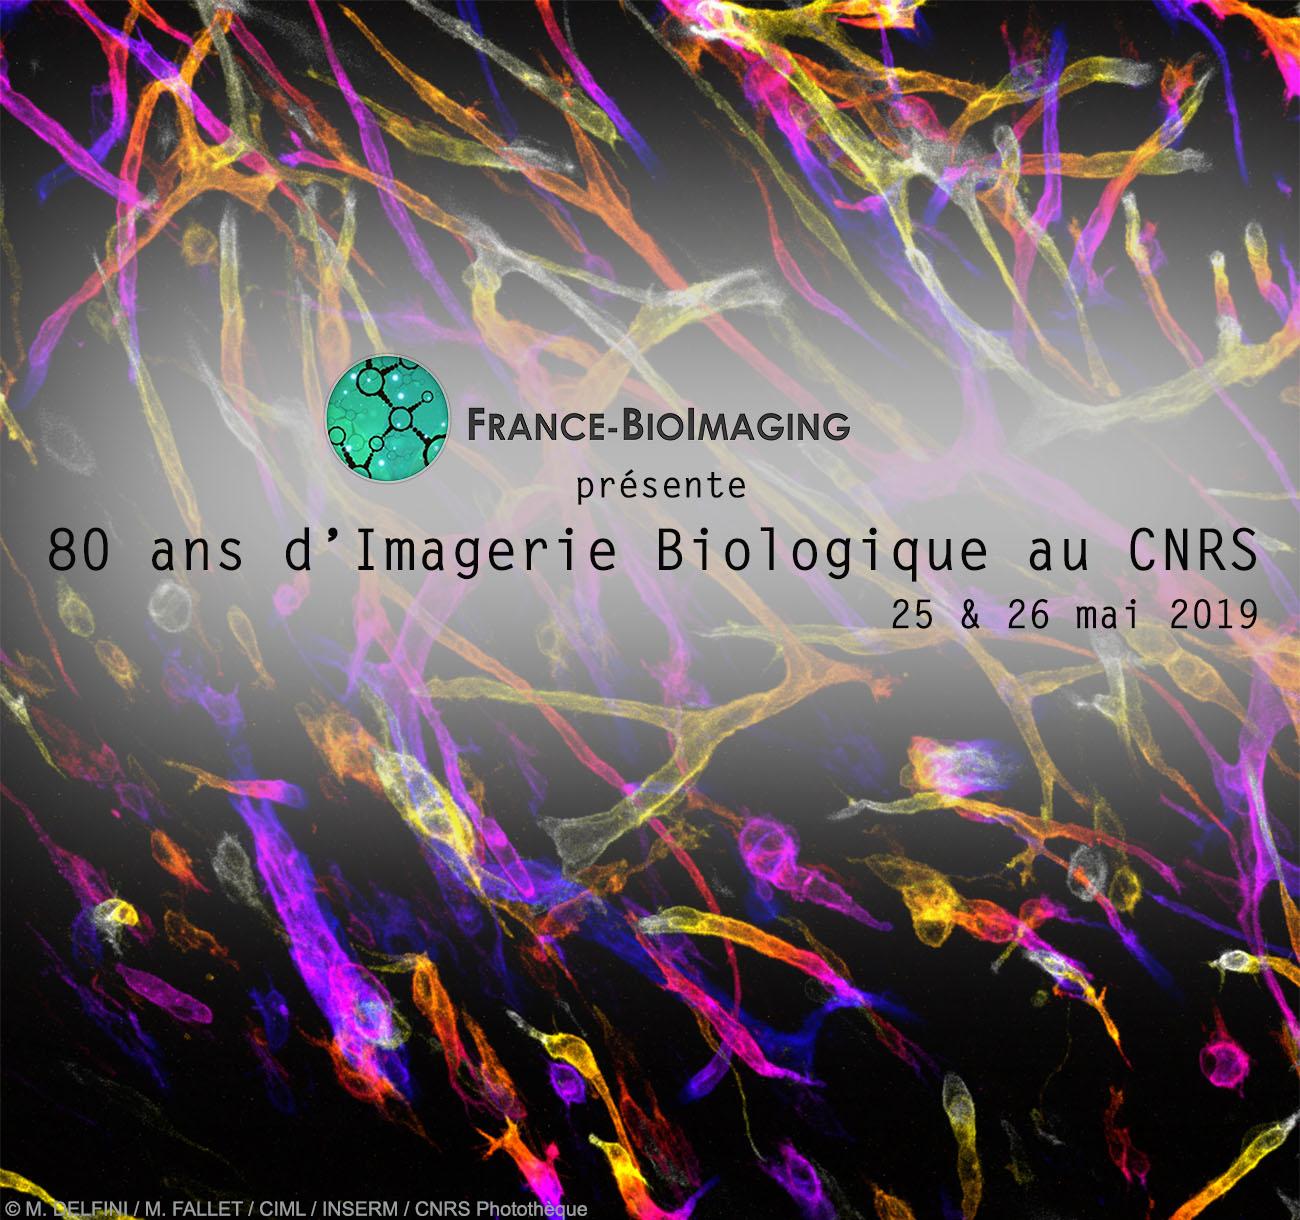 France BioImaging, 80 ans d'Imagerie Biologique au CNRS